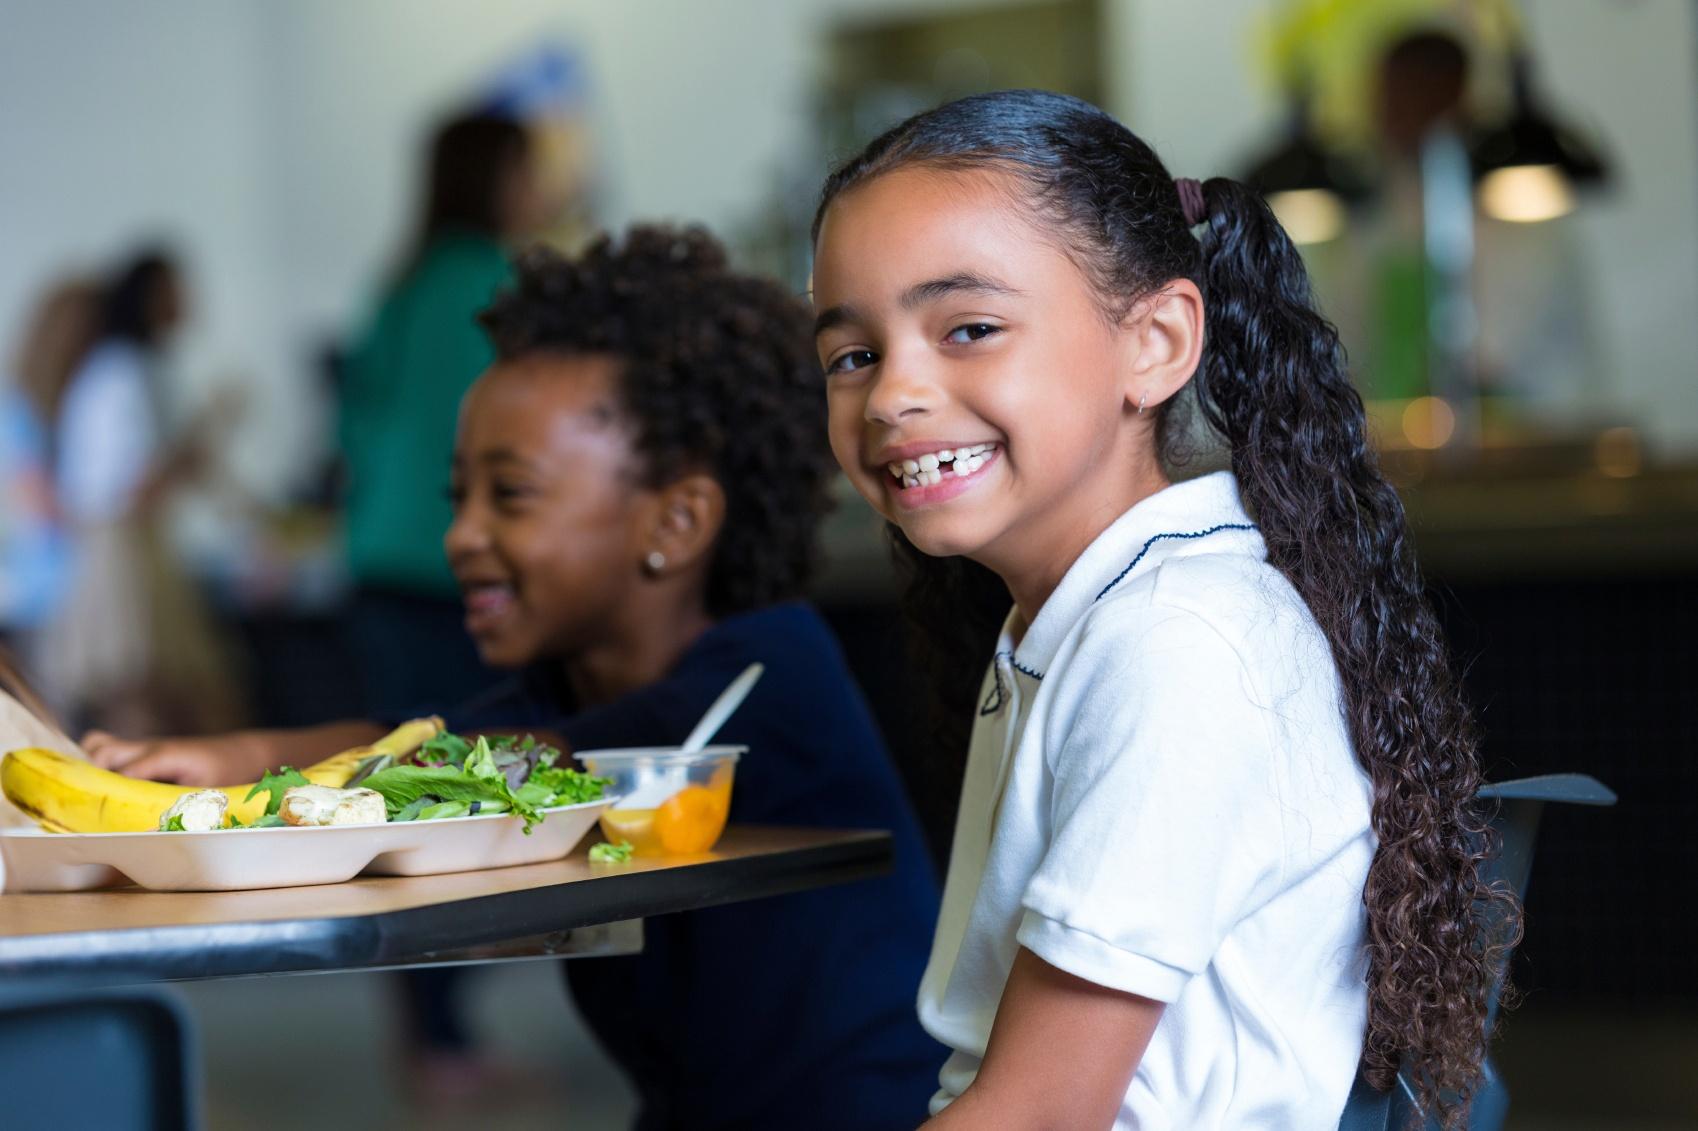 Cute-elementary-school-girl-eating-healthy-lunch-in-cafeteria-000043847850_Medium.jpg